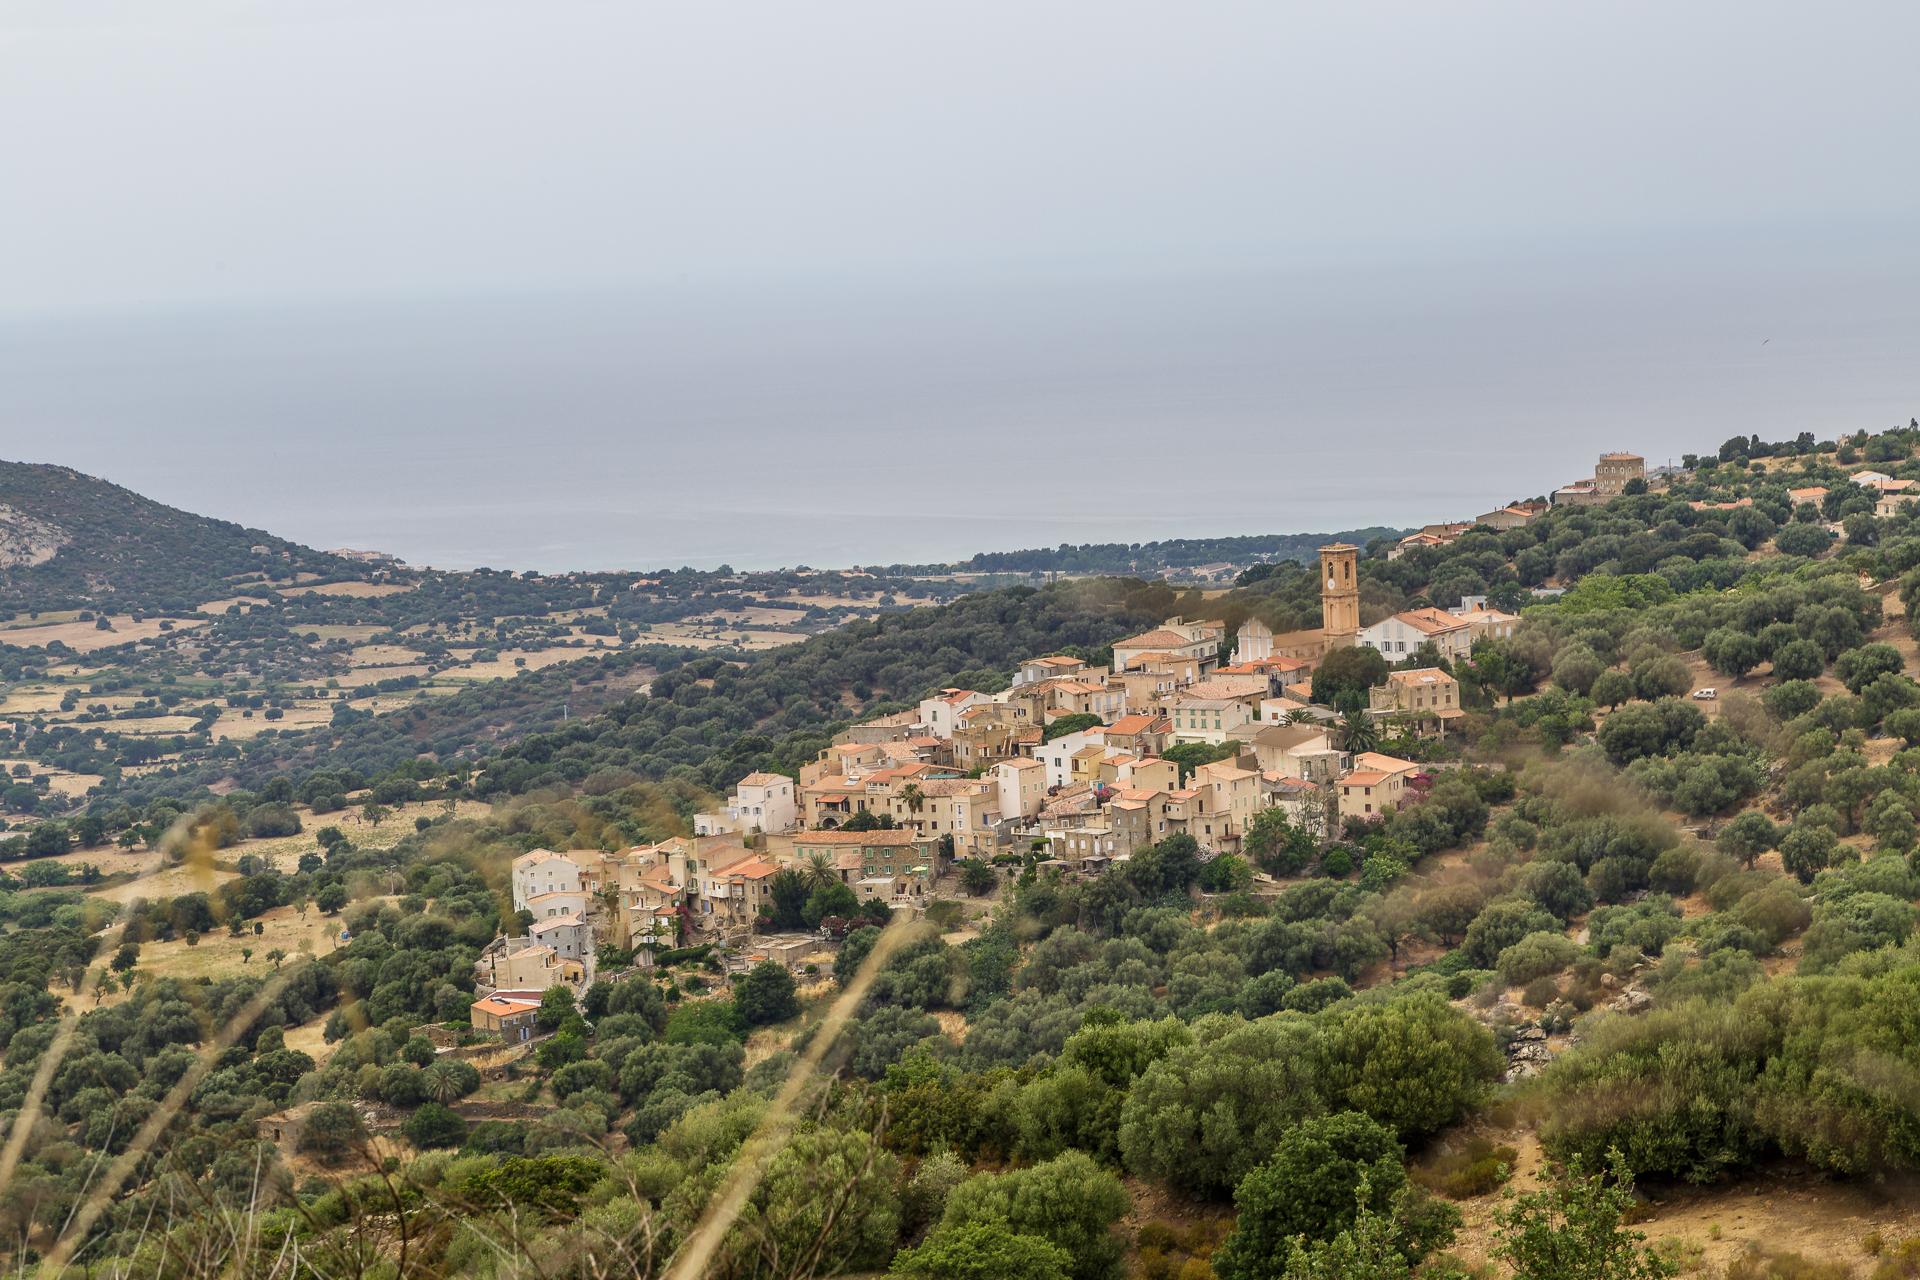 Aregno-Balagne